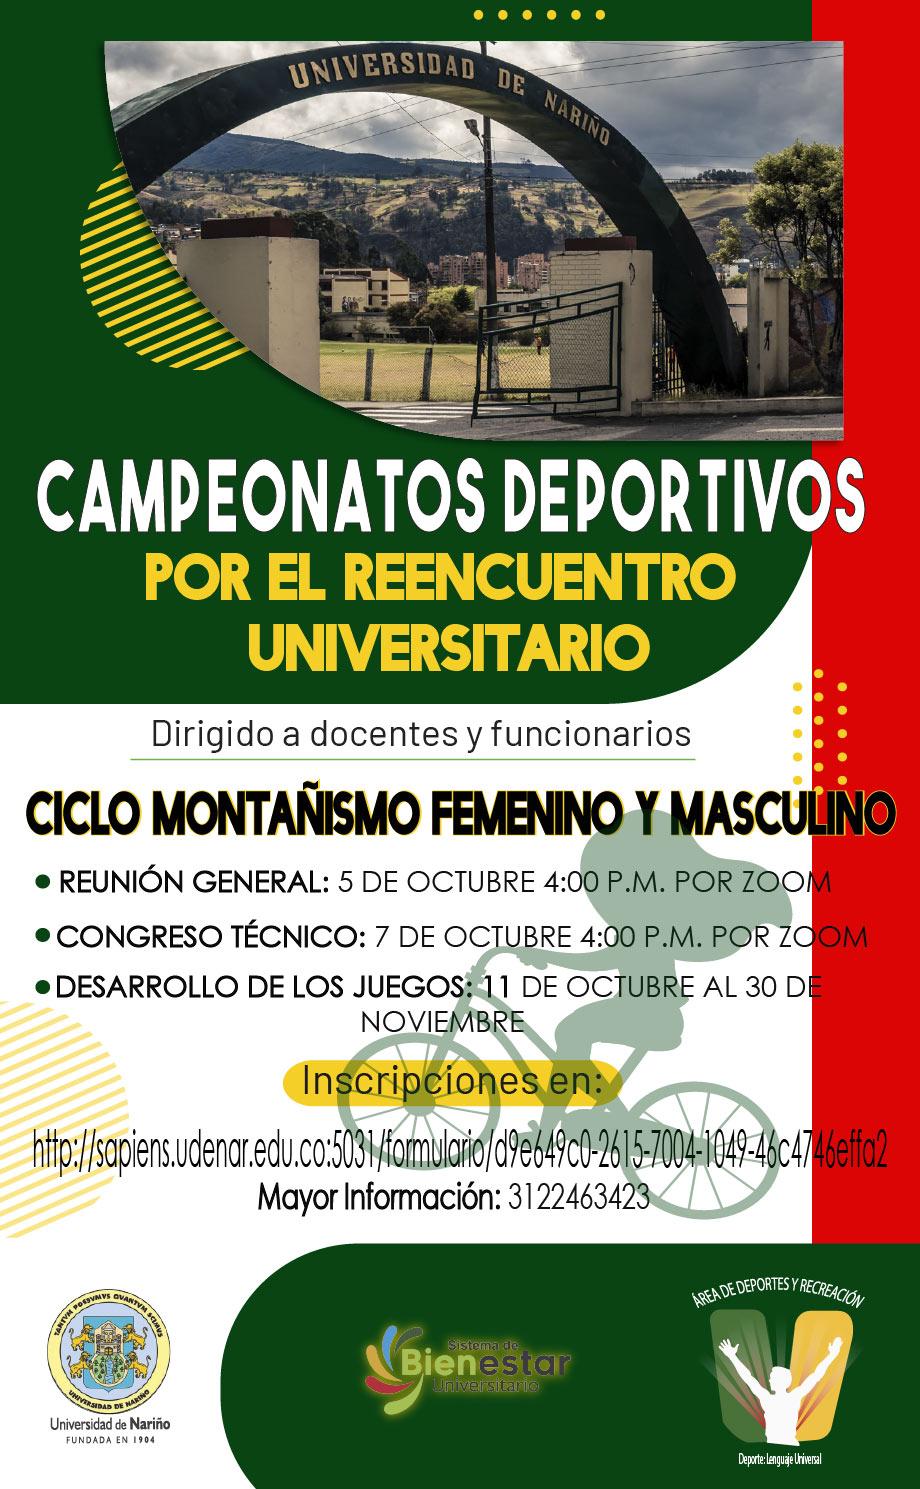 Reencuentro-Universitario-Ciclo